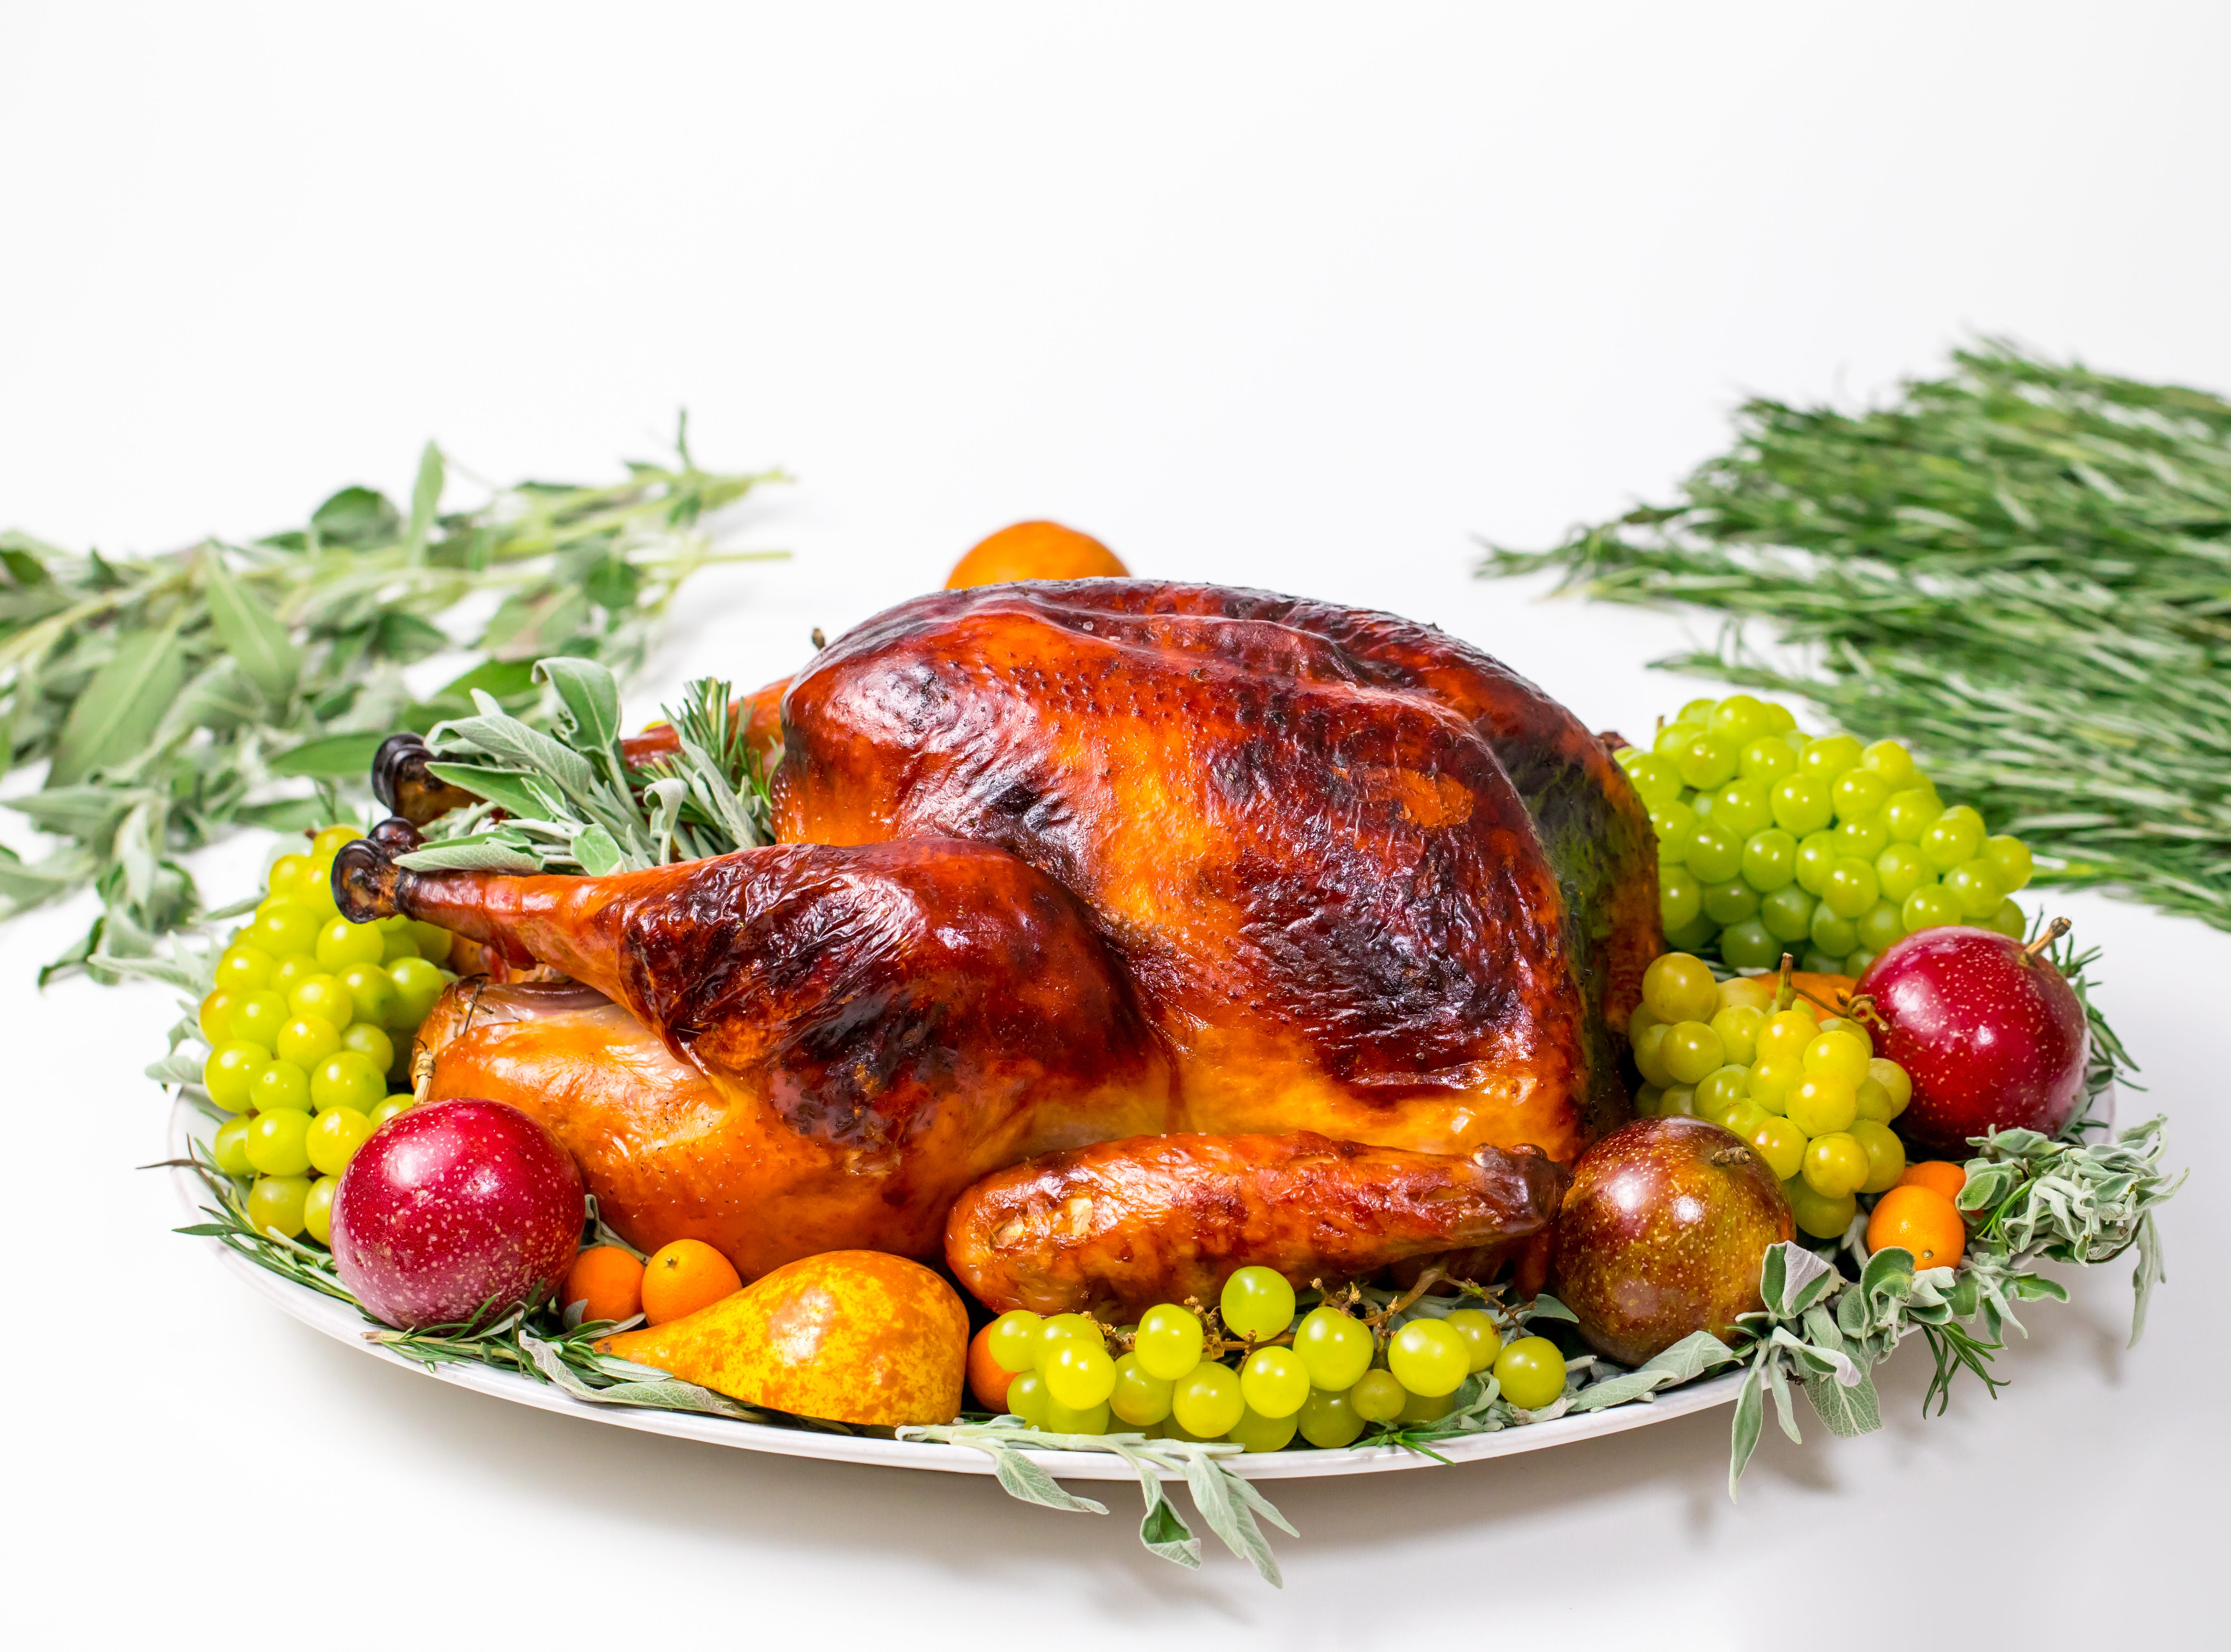 Martha Steward brined turkey